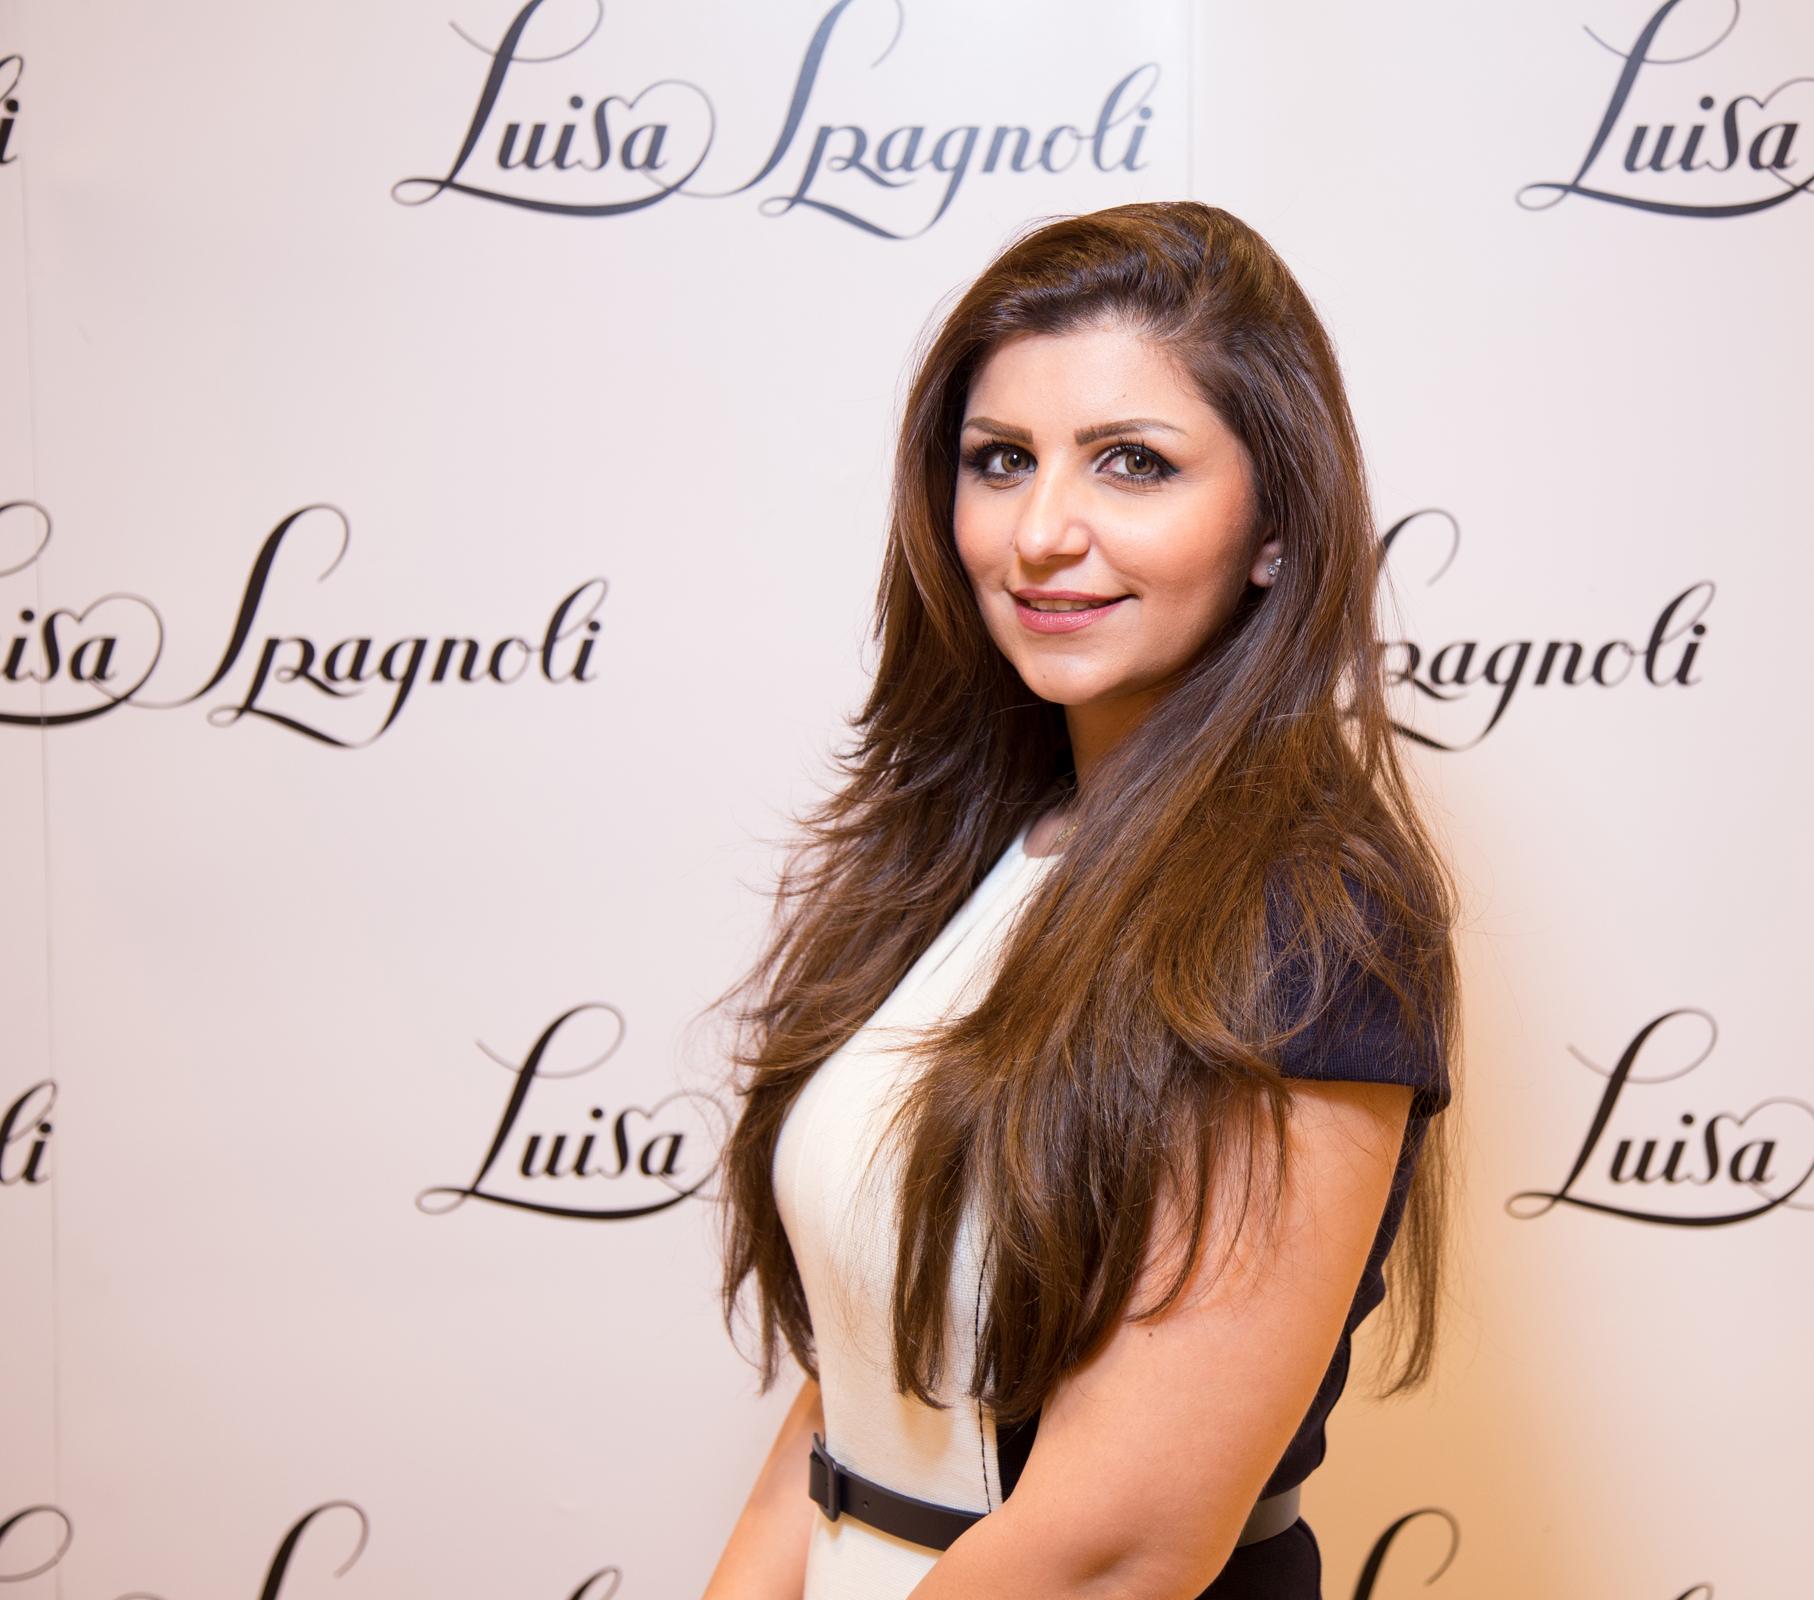 LuisaSpagnoli_6710